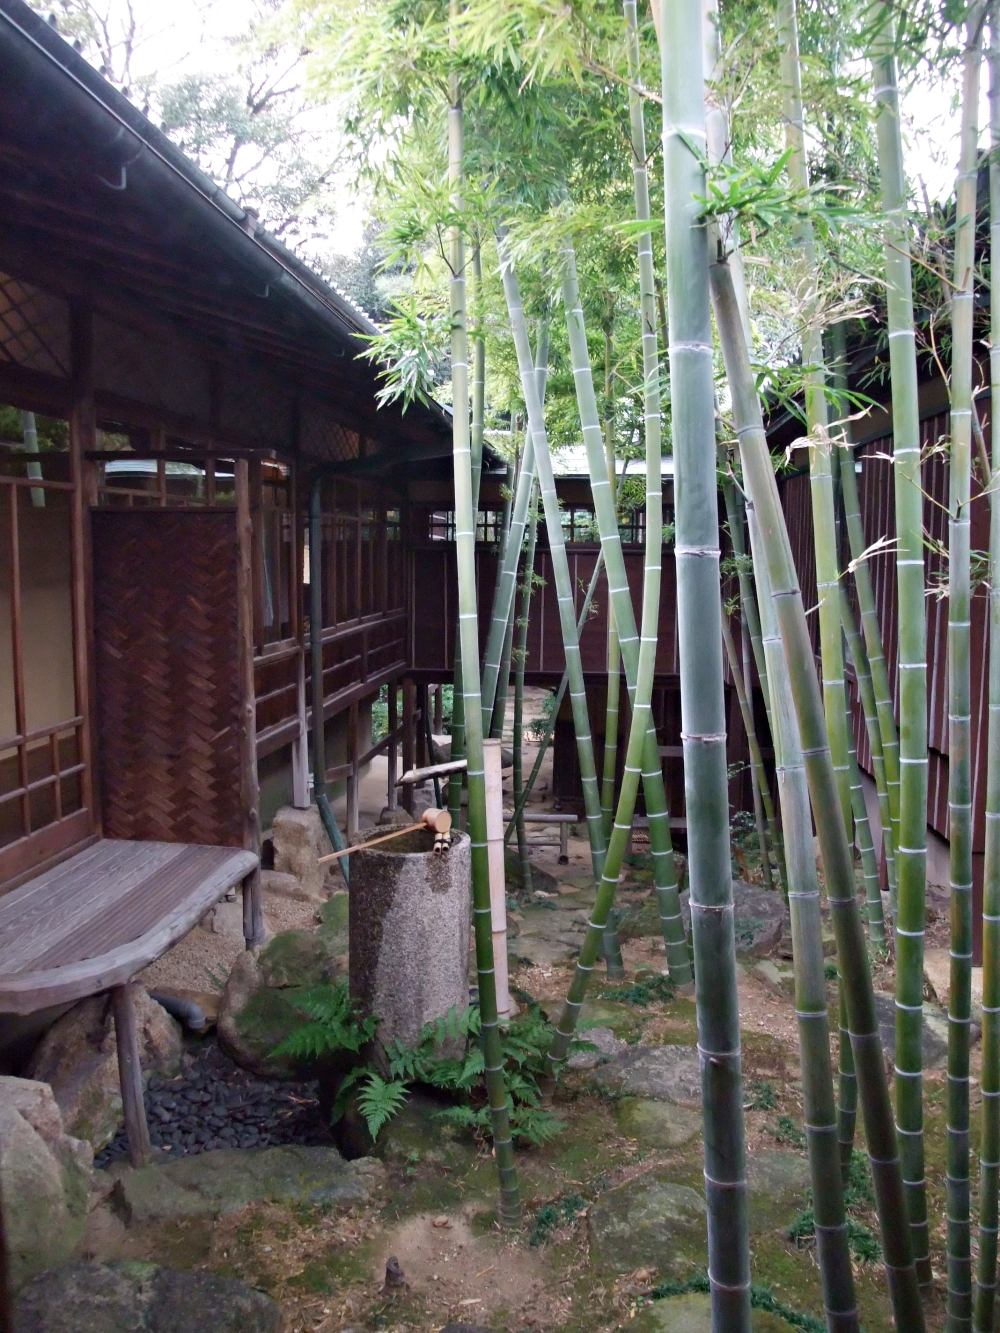 【名古屋旅遊】古川美術館、為三郎紀念館之日式庭園和菓子下午茶 @MY TRIP ‧ MY LIFE